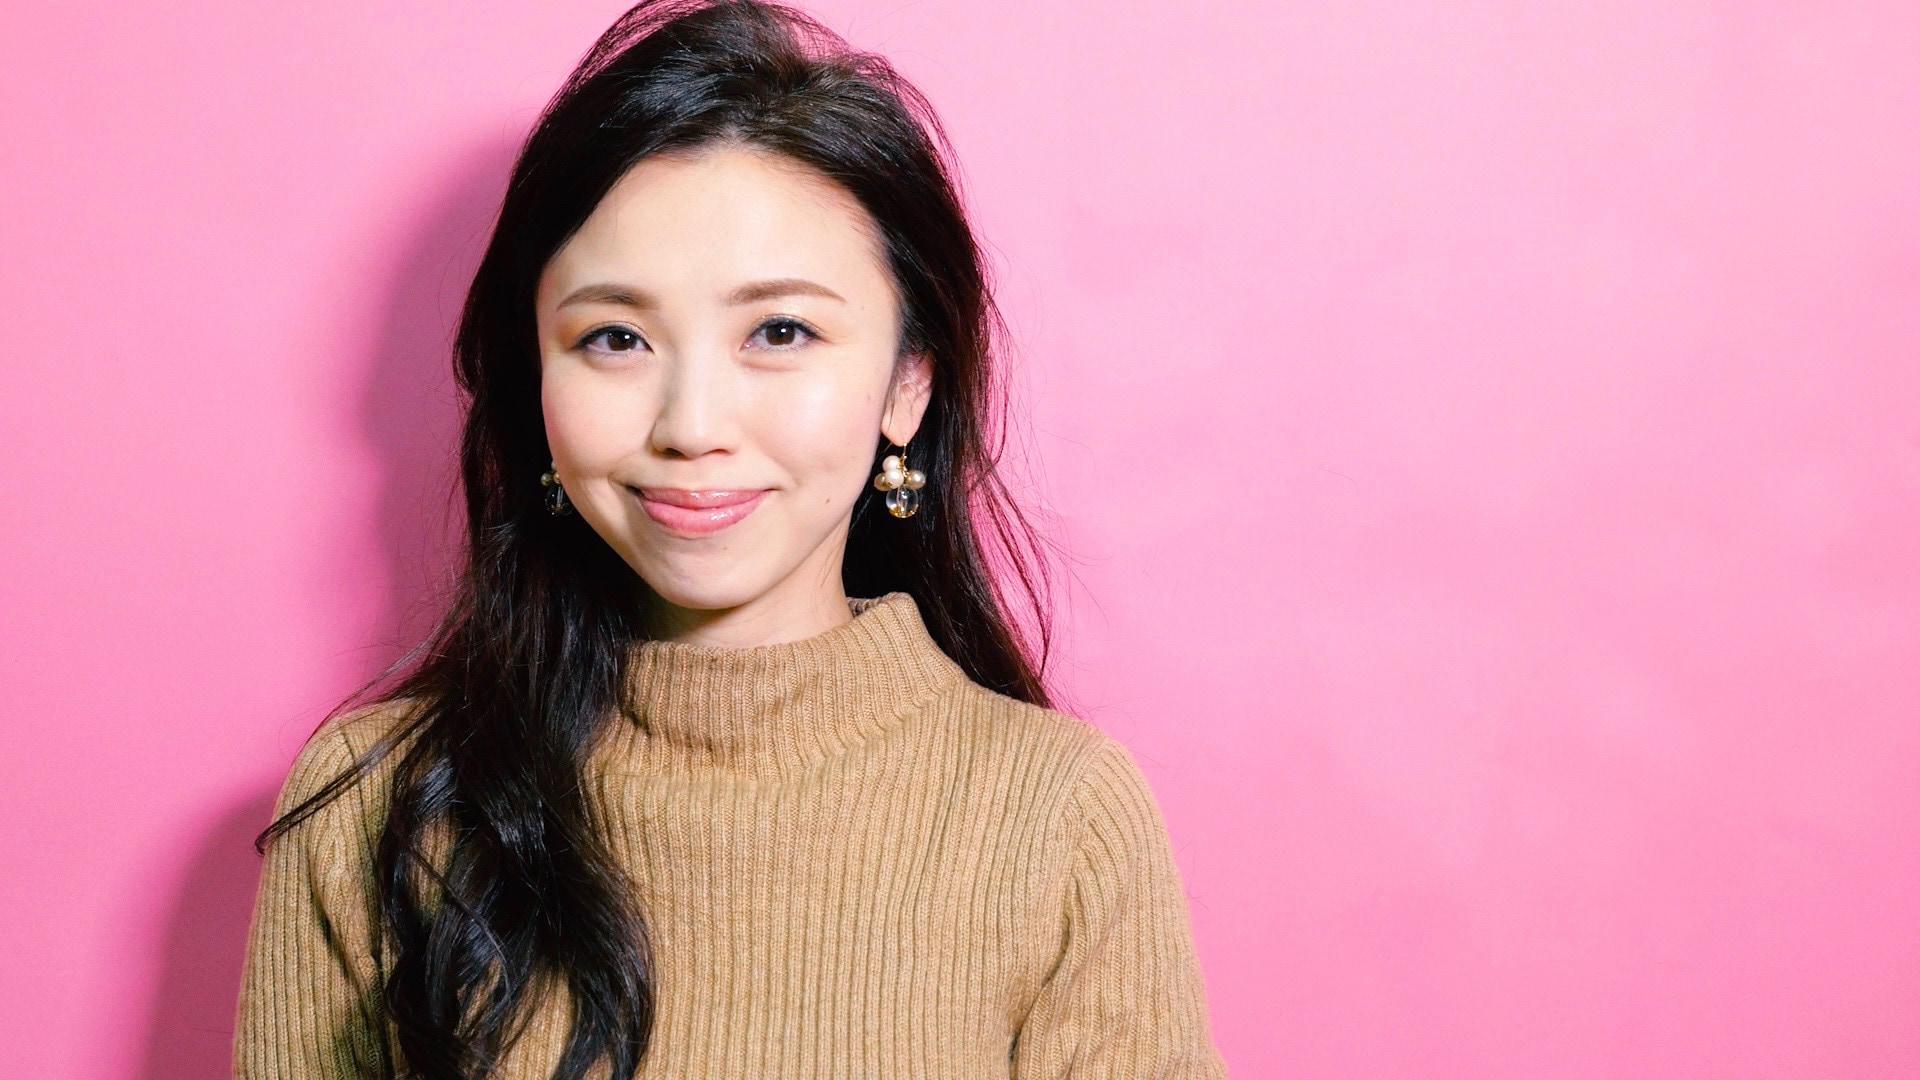 美眉アドバイザー 玉村さんが教える、スウィートファッションに合う美眉の作り方